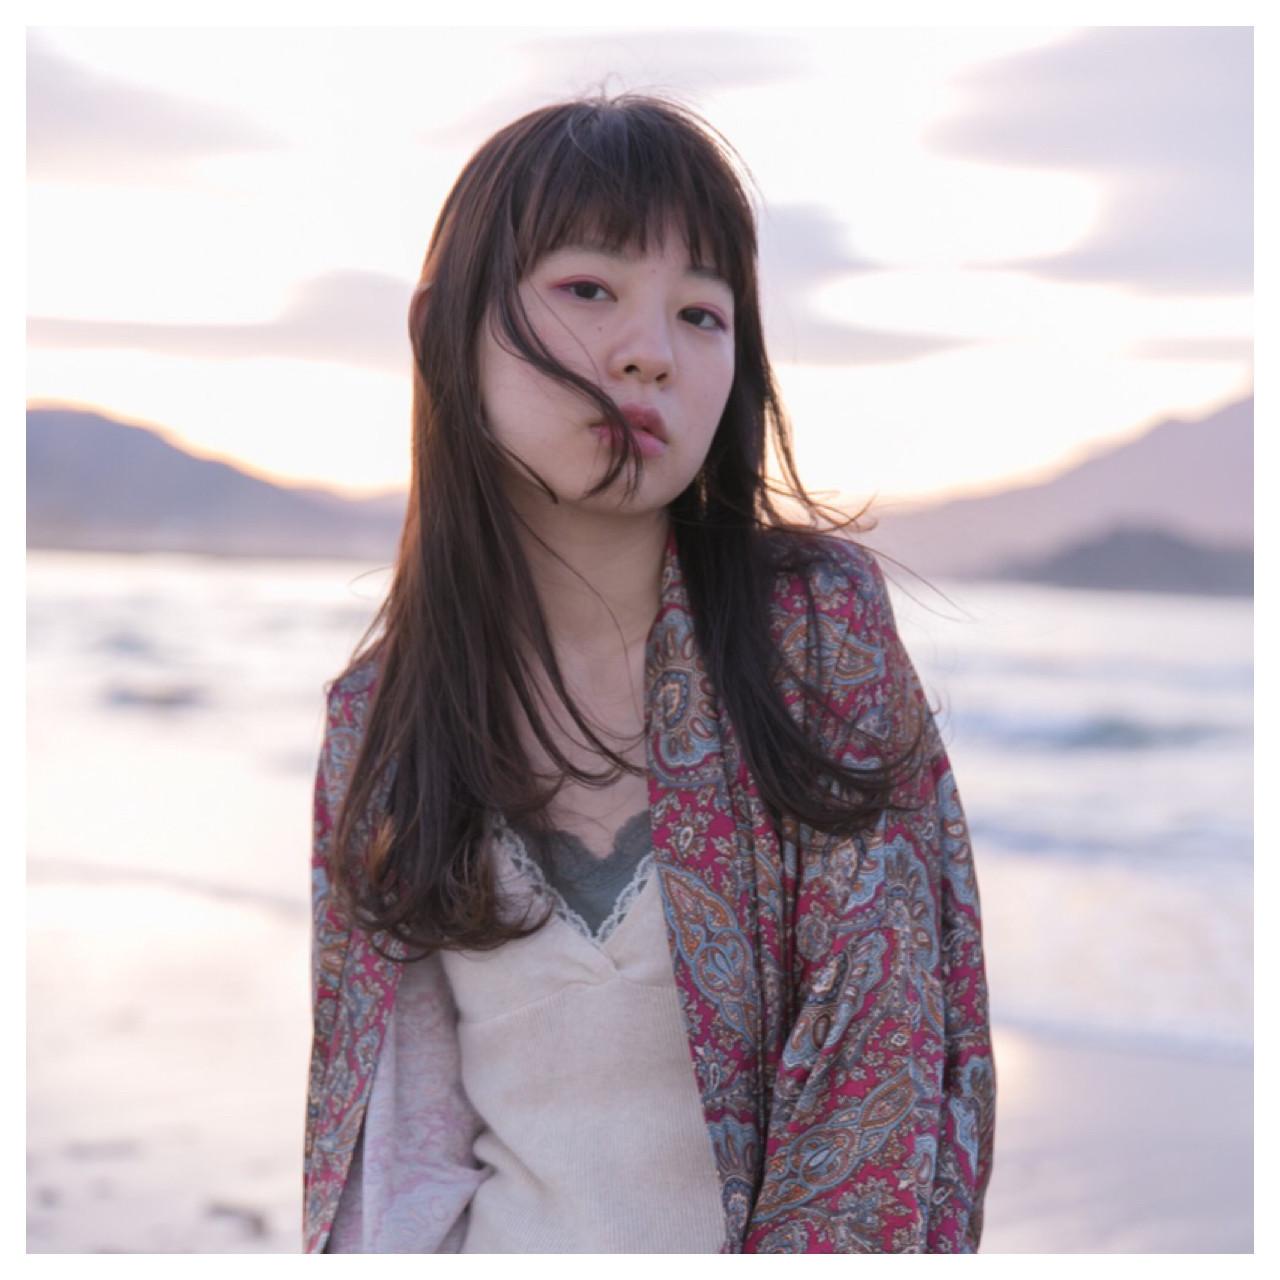 ストレートロングヘアを楽しもう! Emiko Nakanishi